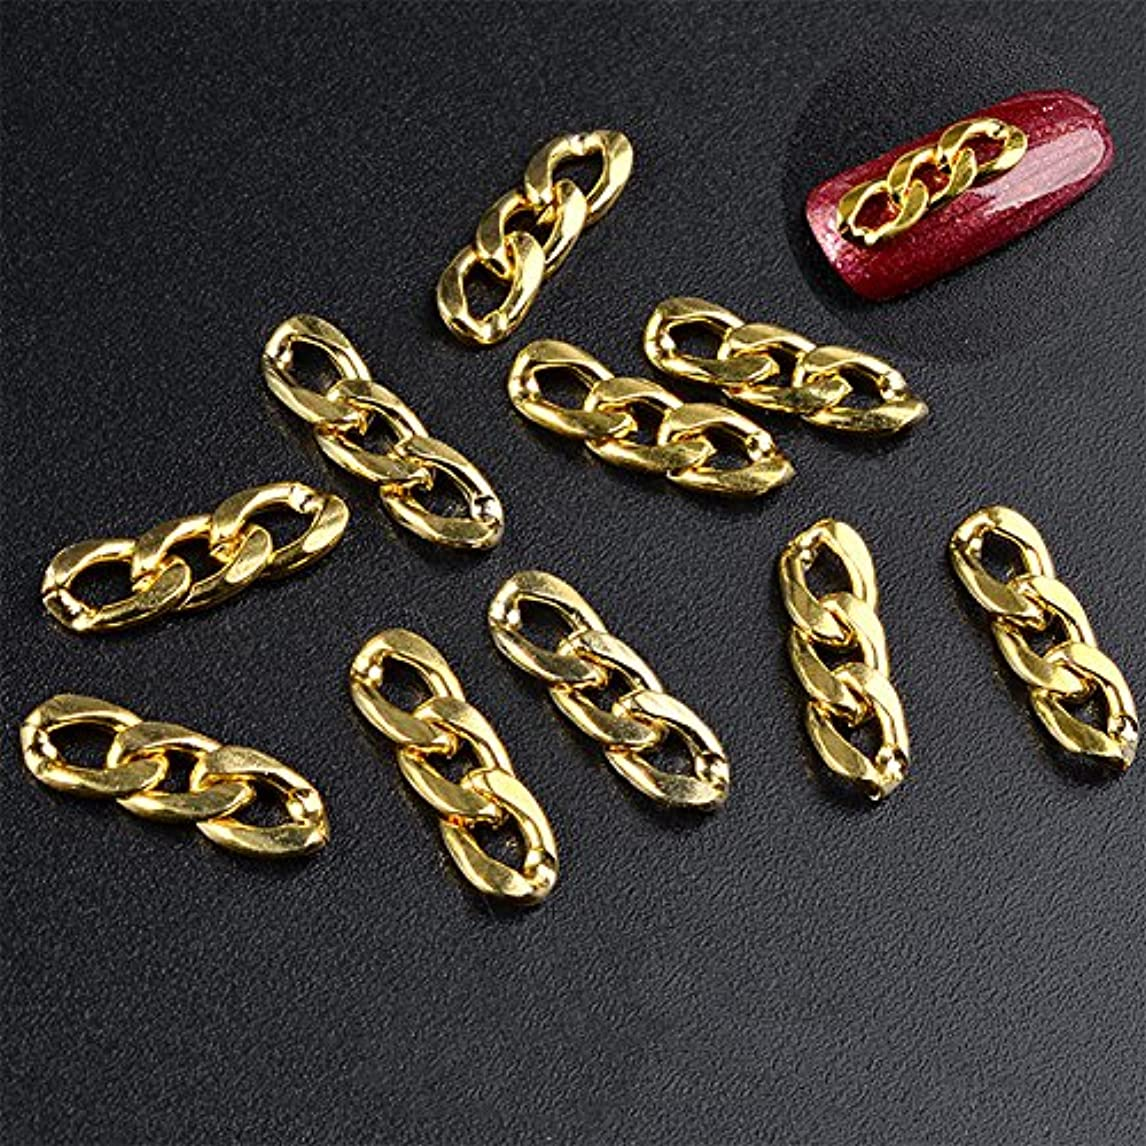 レクリエーション長方形ハチRabugoo 10PCSシャイニーネイルアートチェーンの装飾マニキュア供給 gold